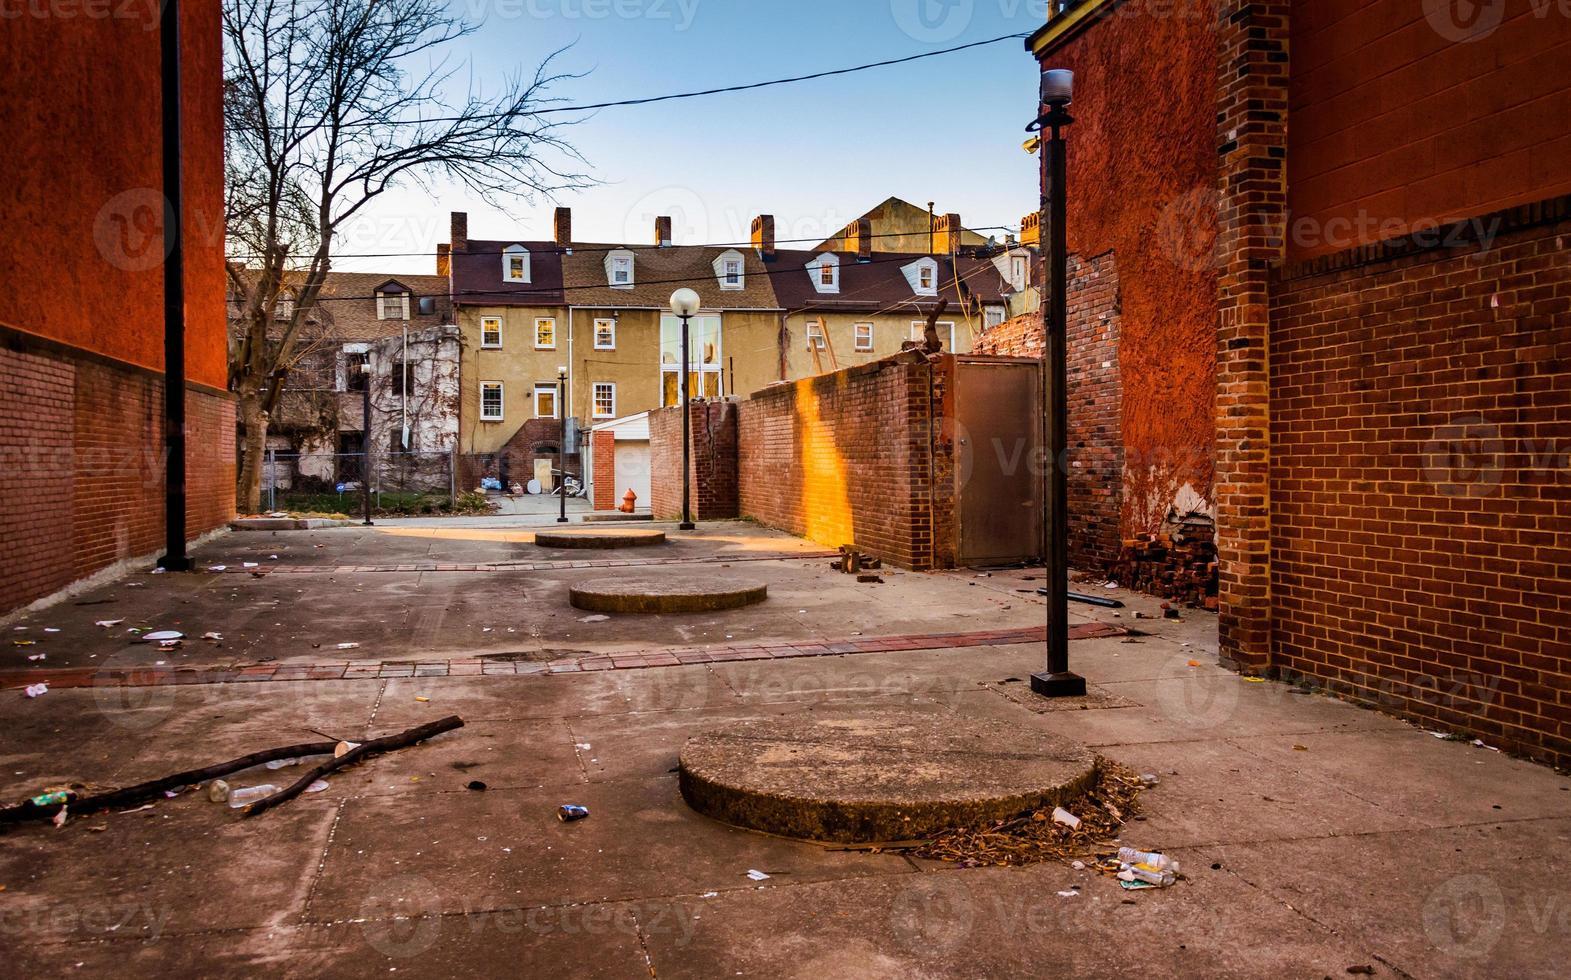 cour sale et maisons à baltimore, maryland. photo